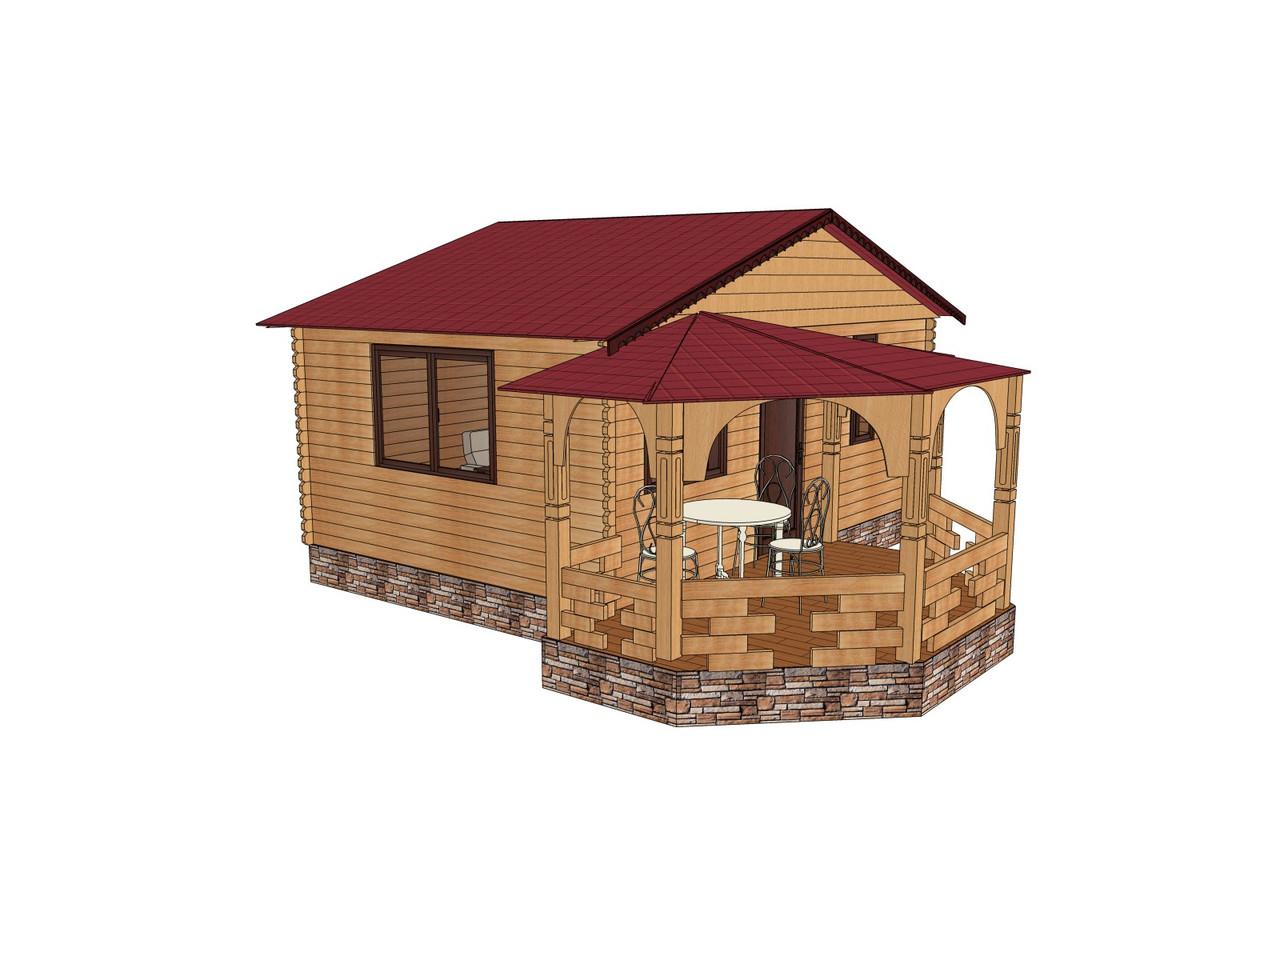 Строительство бани деревянной из профилированного бруса с верандой 6х6.5